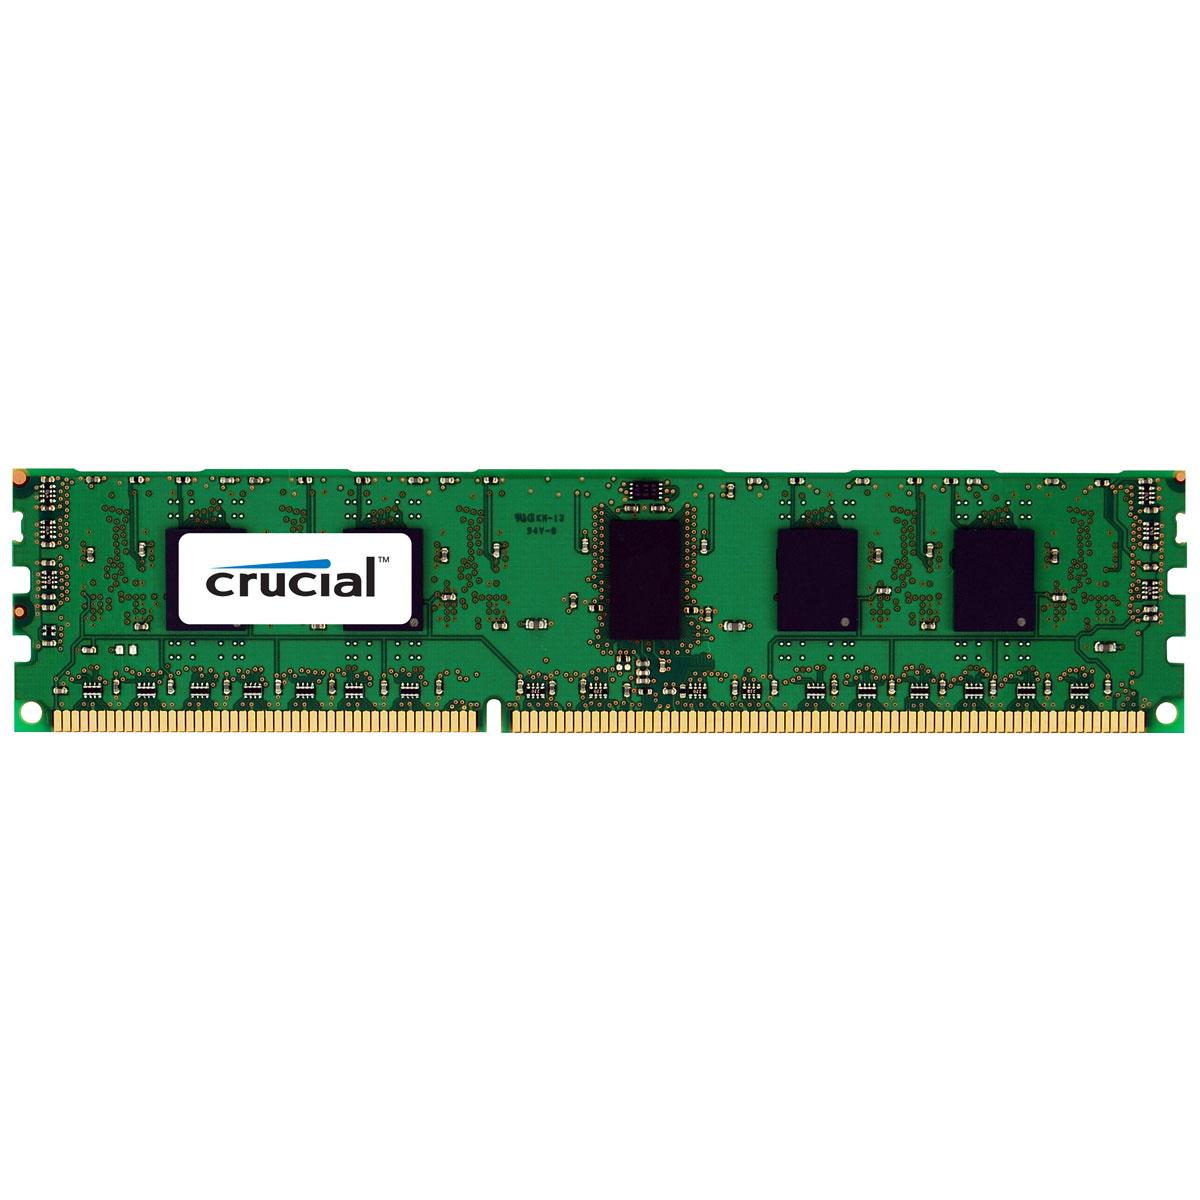 Mémoire PC Crucial DDR3 8 Go 1066 MHz CL7 ECC Registered QR X8 RAM DDR3 PC3-8500 - CT8G3ERSLQ81067 (garantie à vie par Crucial)